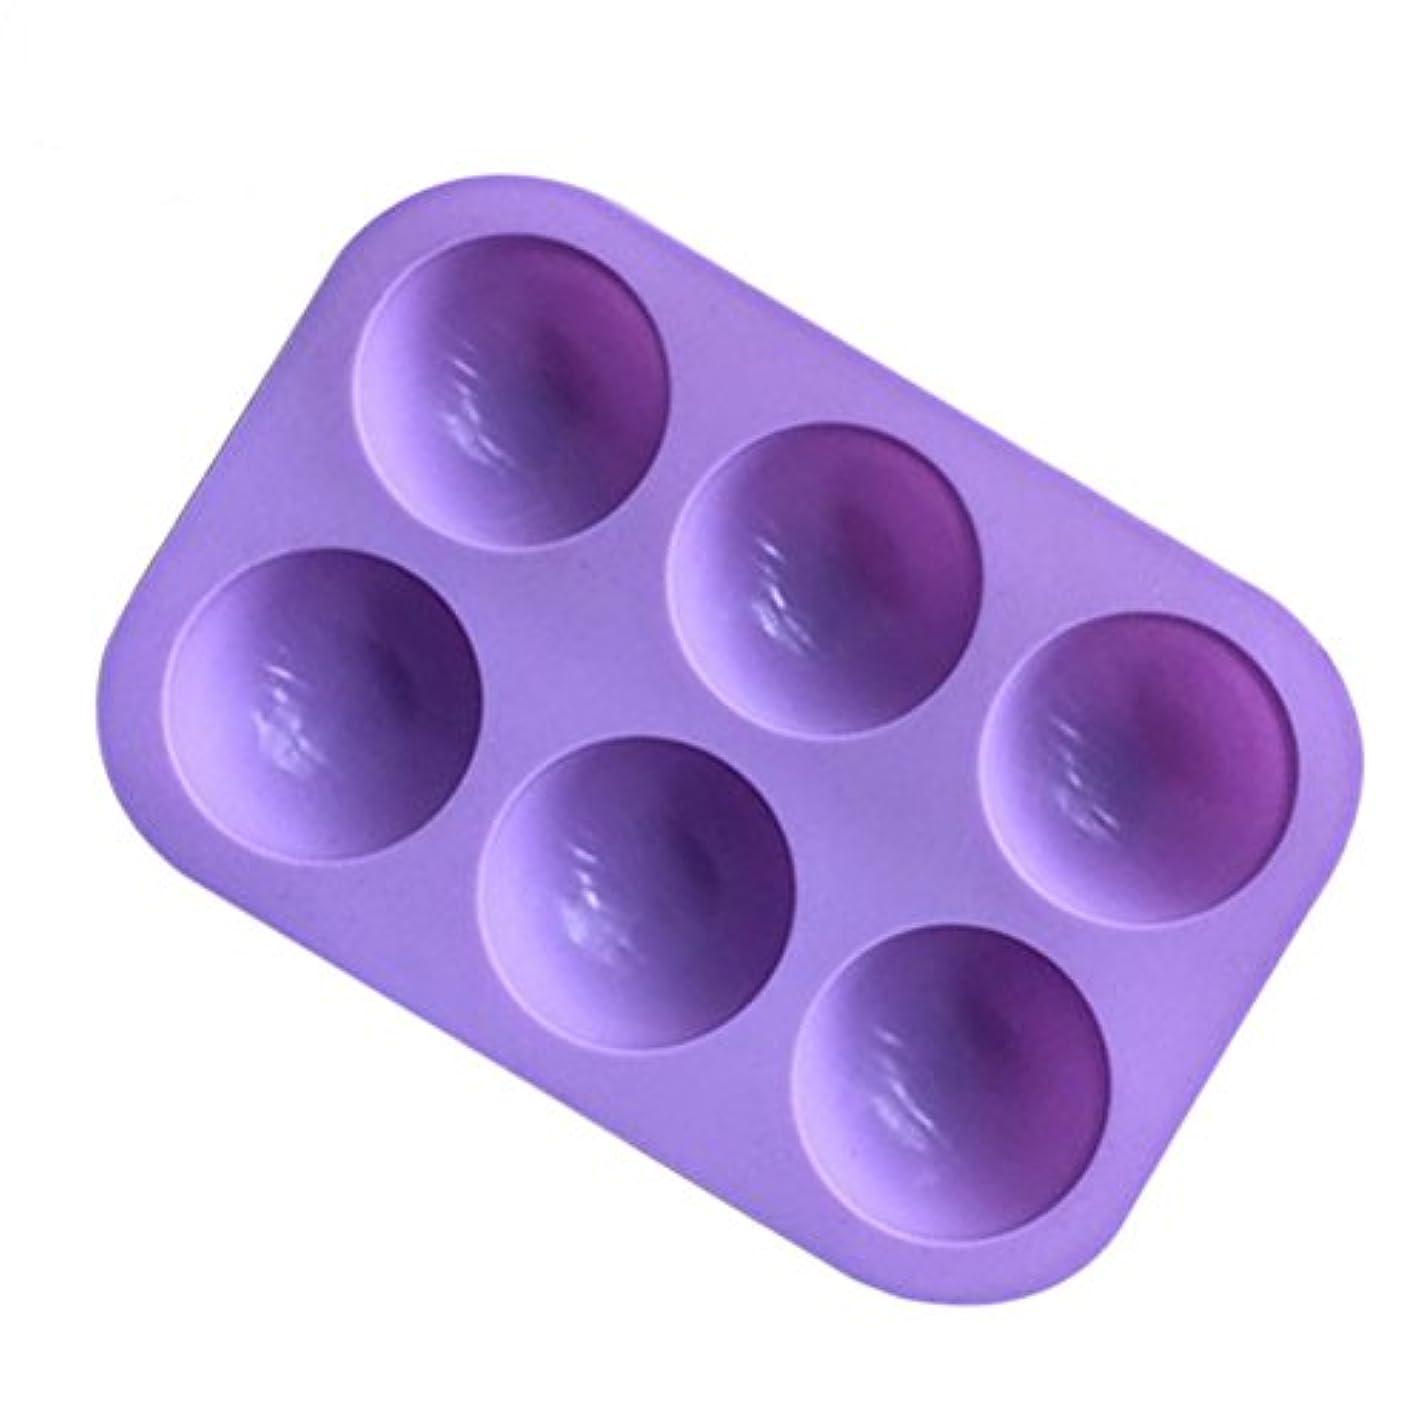 サーカスドループ身元BESTONZON シリコンソープモールド半円マフィンパンカップケーキキャンディモールドケーキチョコレートモールドベーキングモールド6個のキャビティ(紫色)